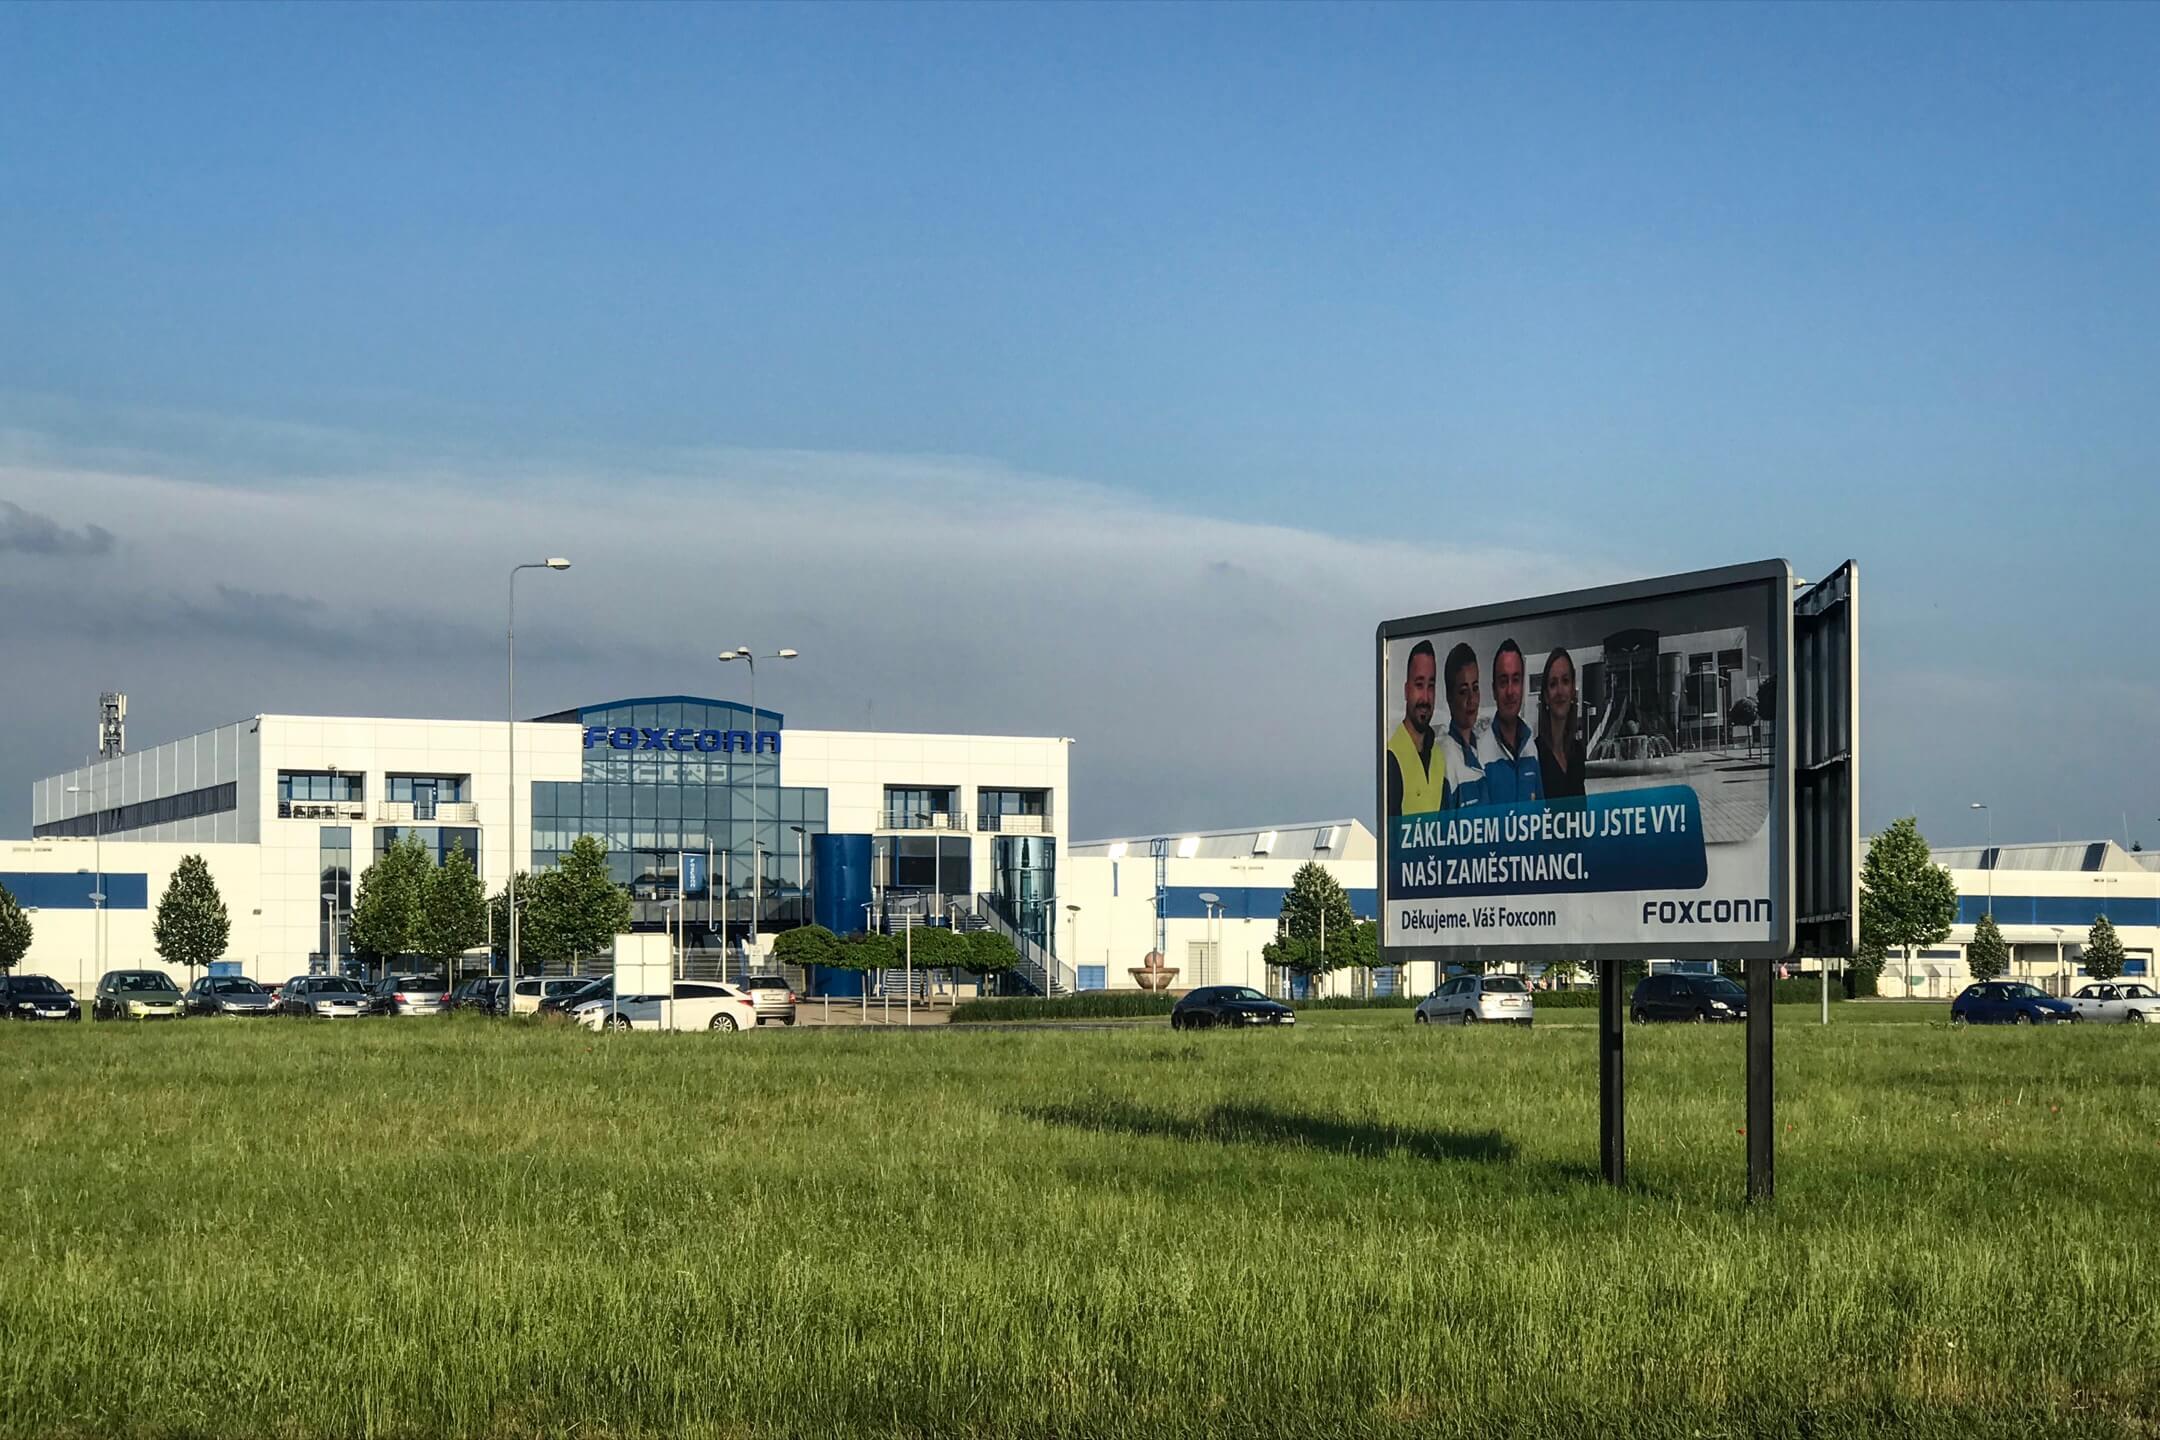 古城庫那霍拉(Kutna Hora)市附近的一片綠地,富士康(鴻海科技集團)2007年在這裏開設了在中歐國家捷克的第二間工廠。 攝影:甯卉